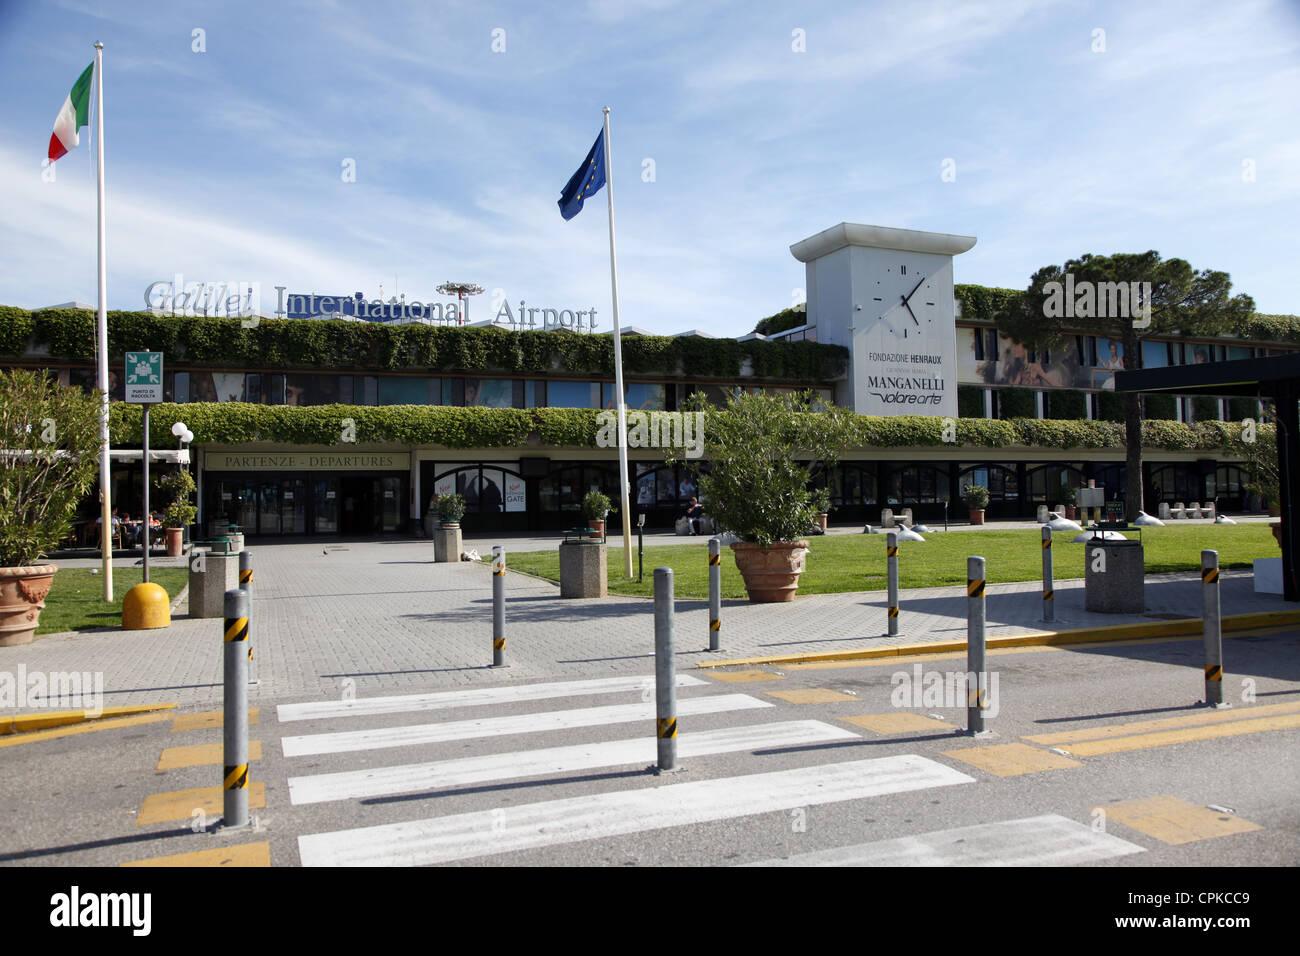 Aeroporto Pisa : Galilei aeroporto internazionale di pisa toscana italia maggio